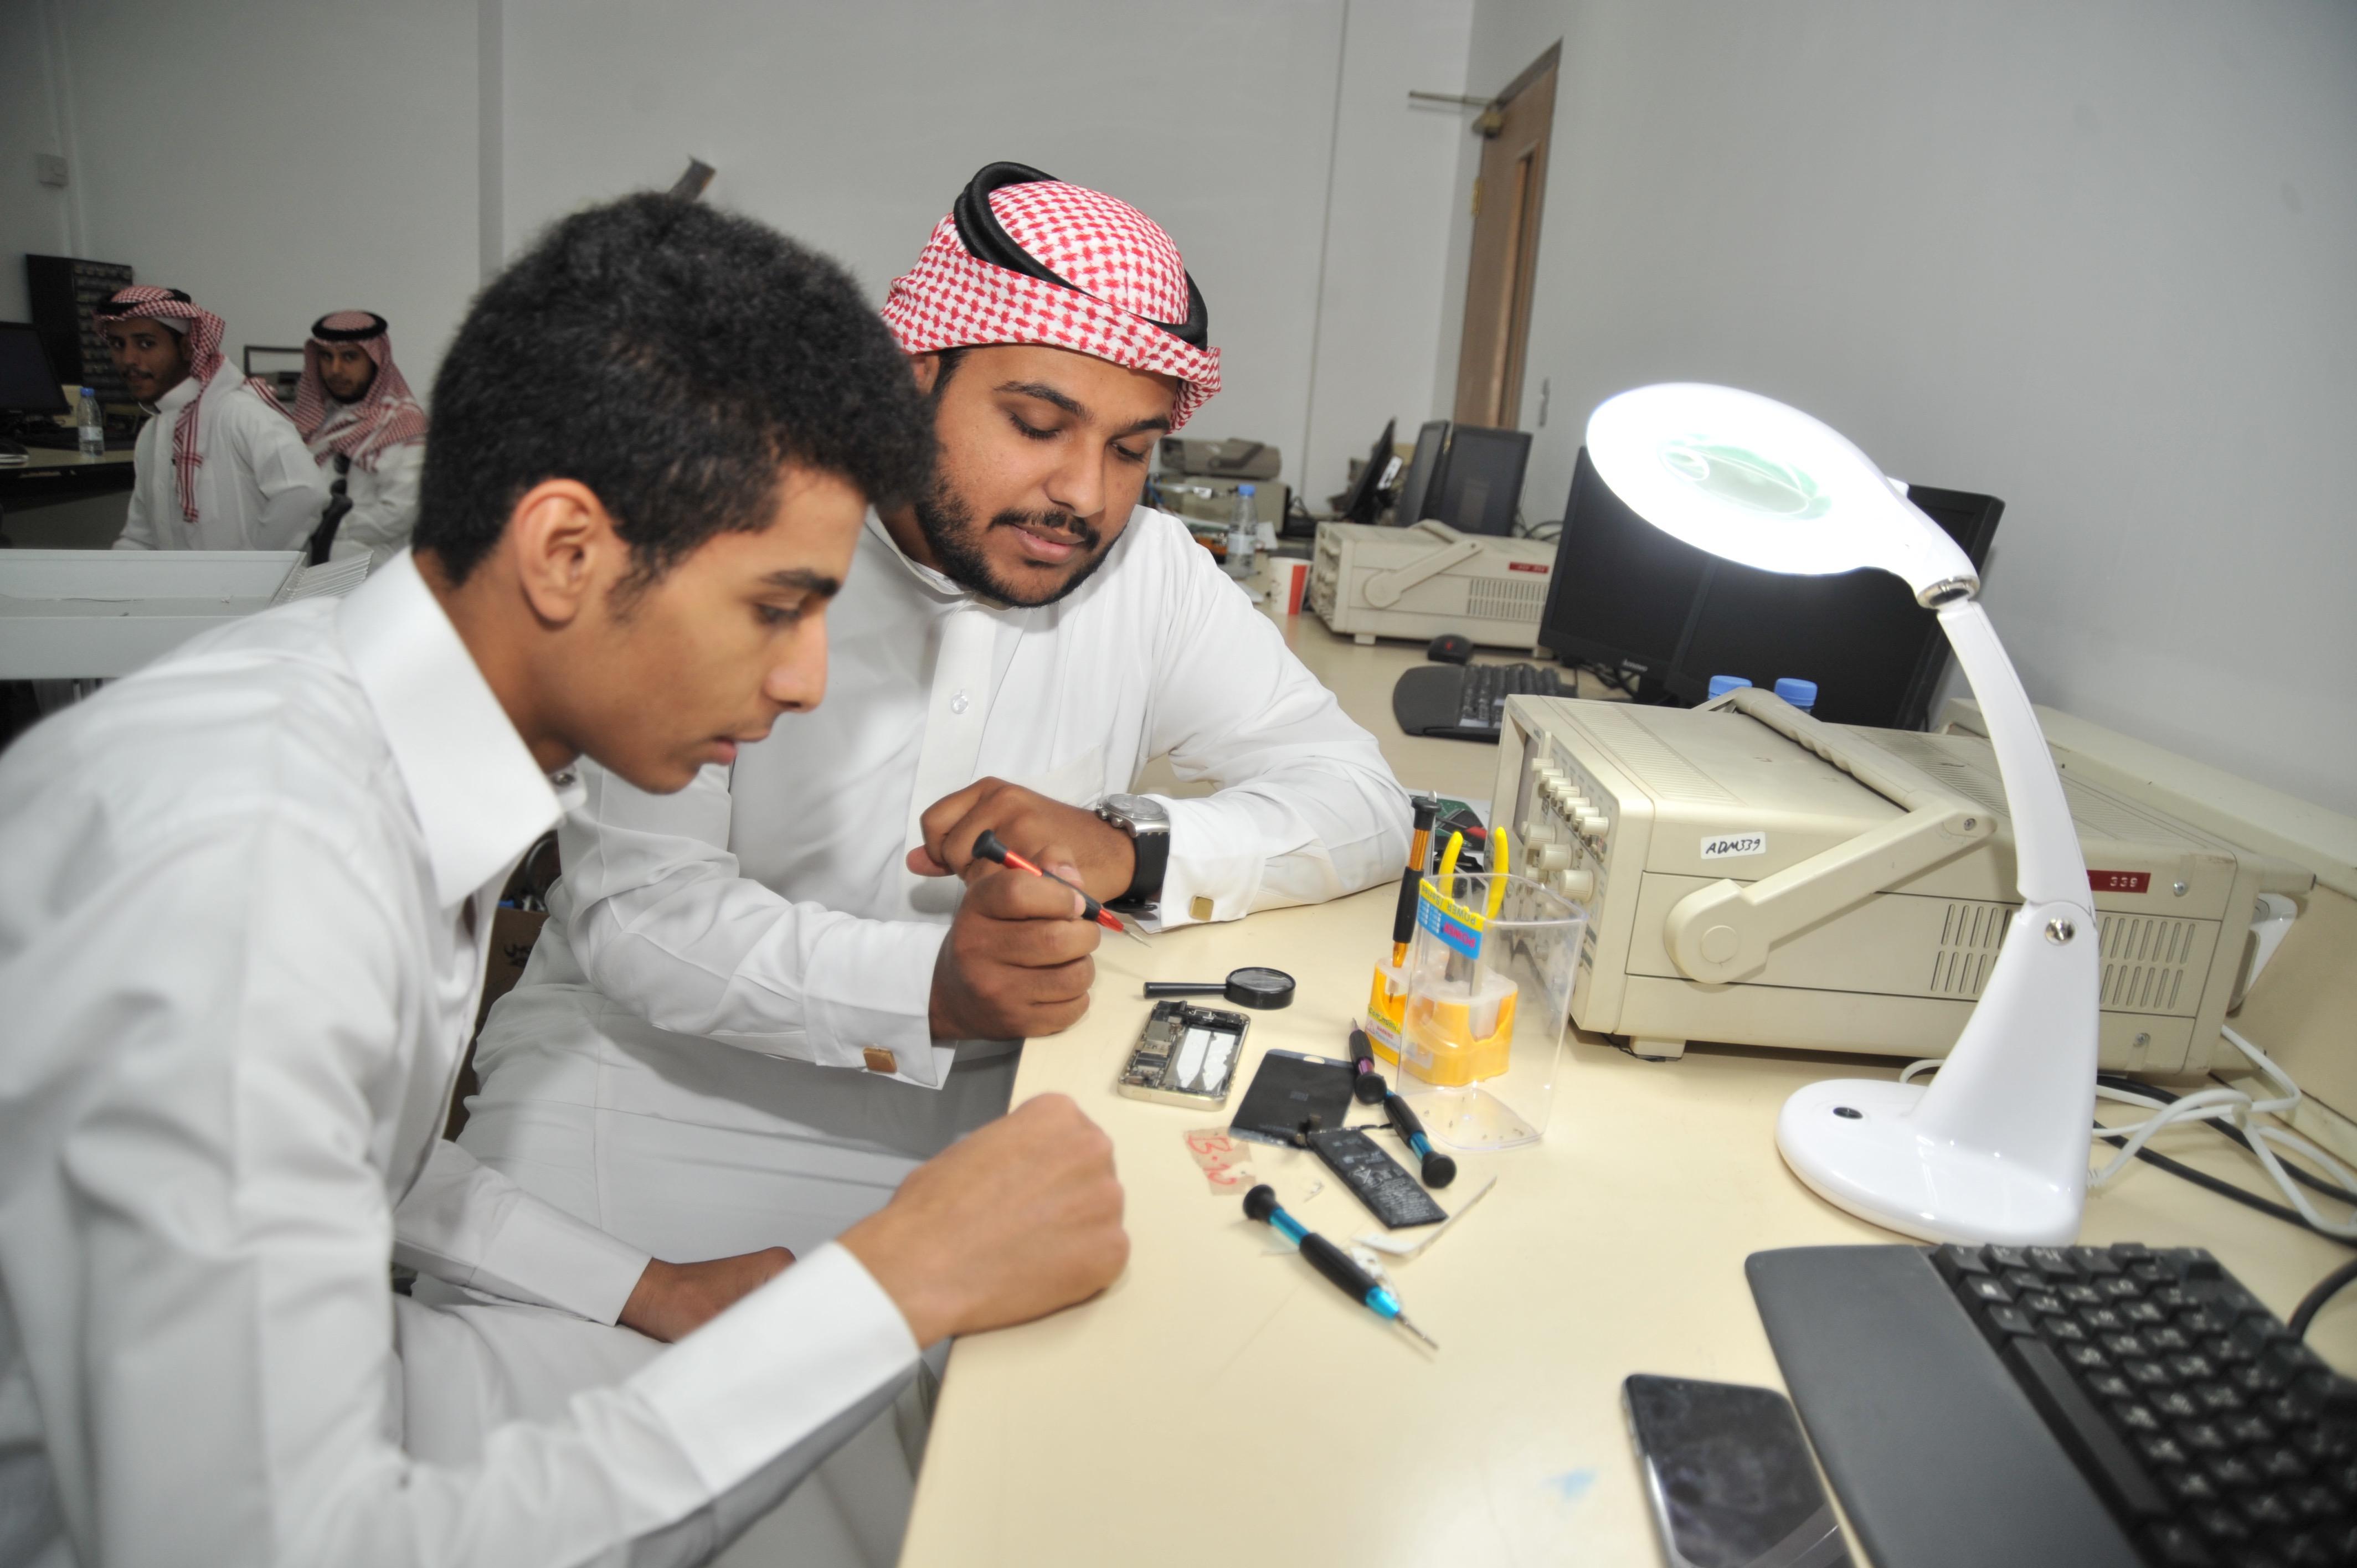 متدربان يقومان بصيانة جهاز جوال